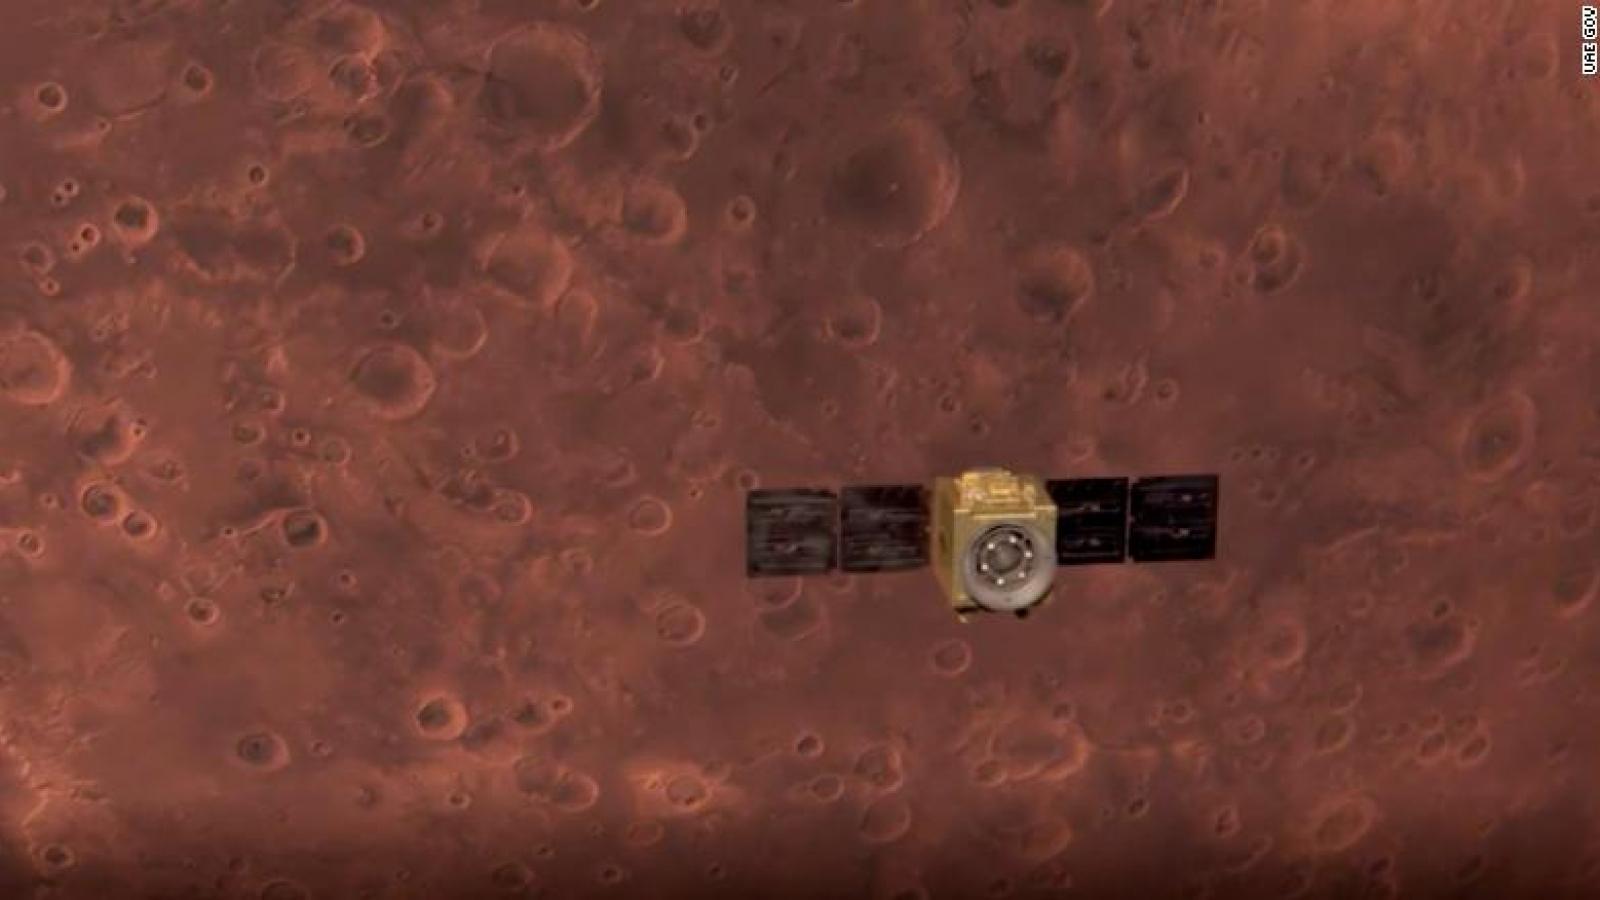 Tàu thăm dò của UAE đã tới quỹ đạo sao Hỏa